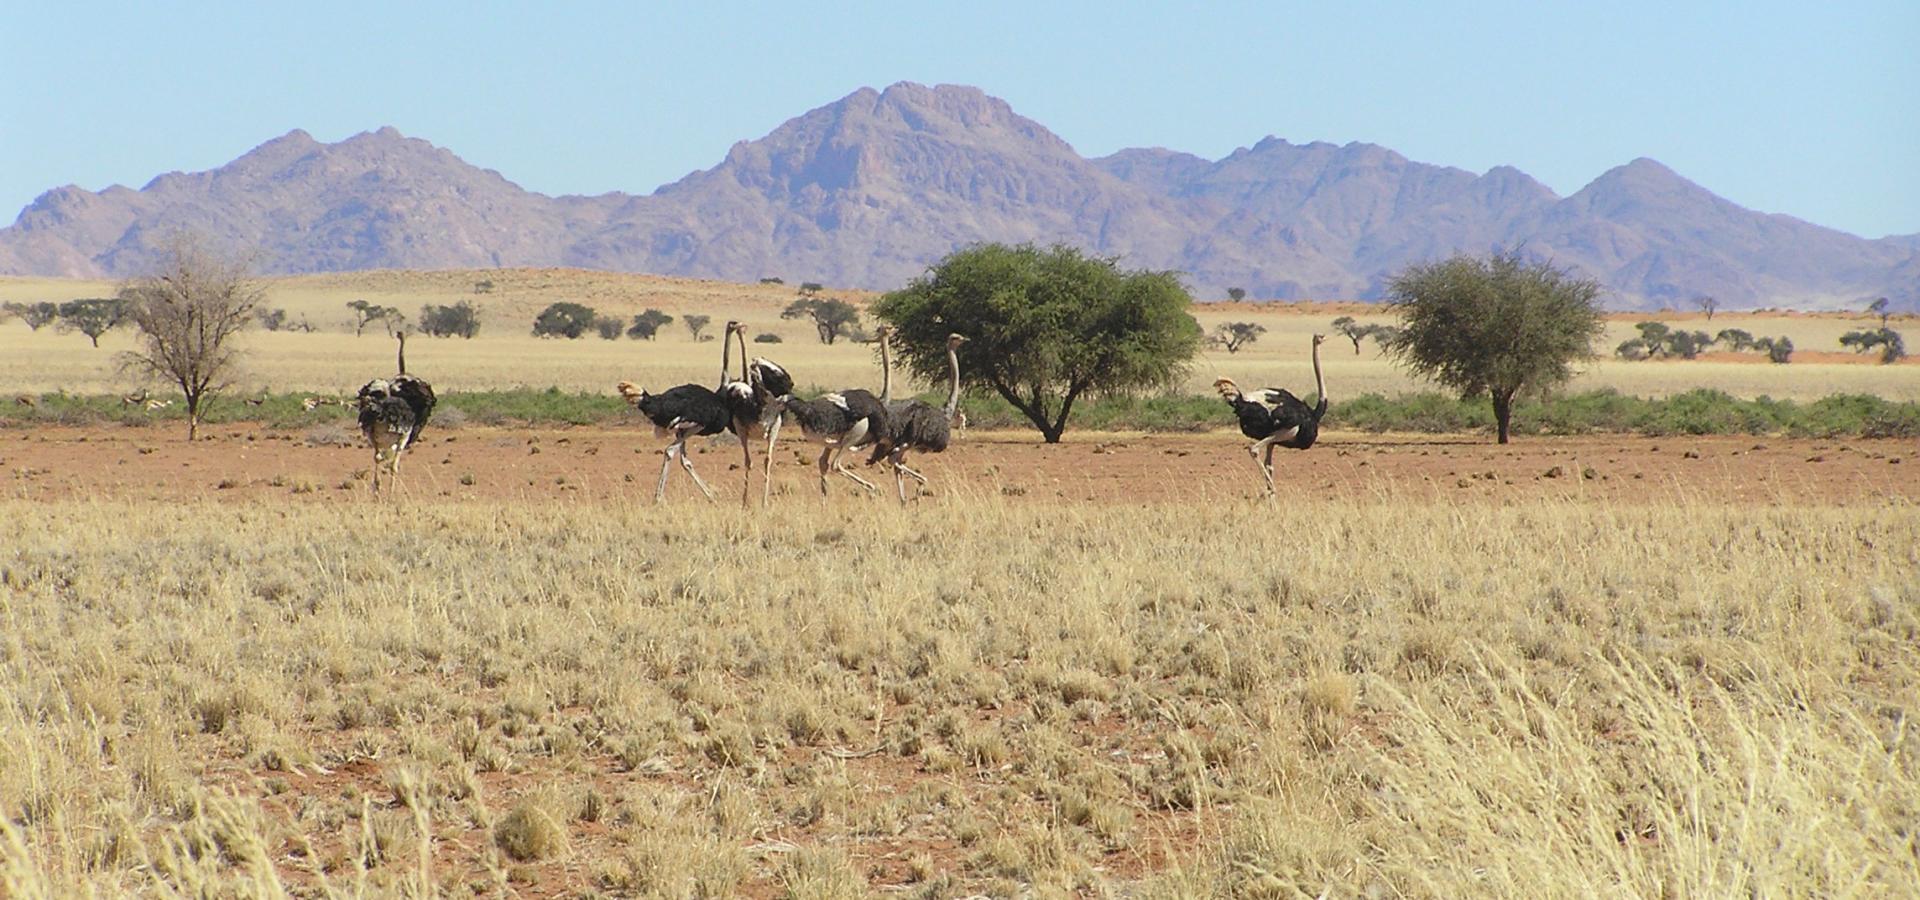 Machen Sie interessante Tierbeobachtungen in der weitläufigen Namib Wüste in Namibia